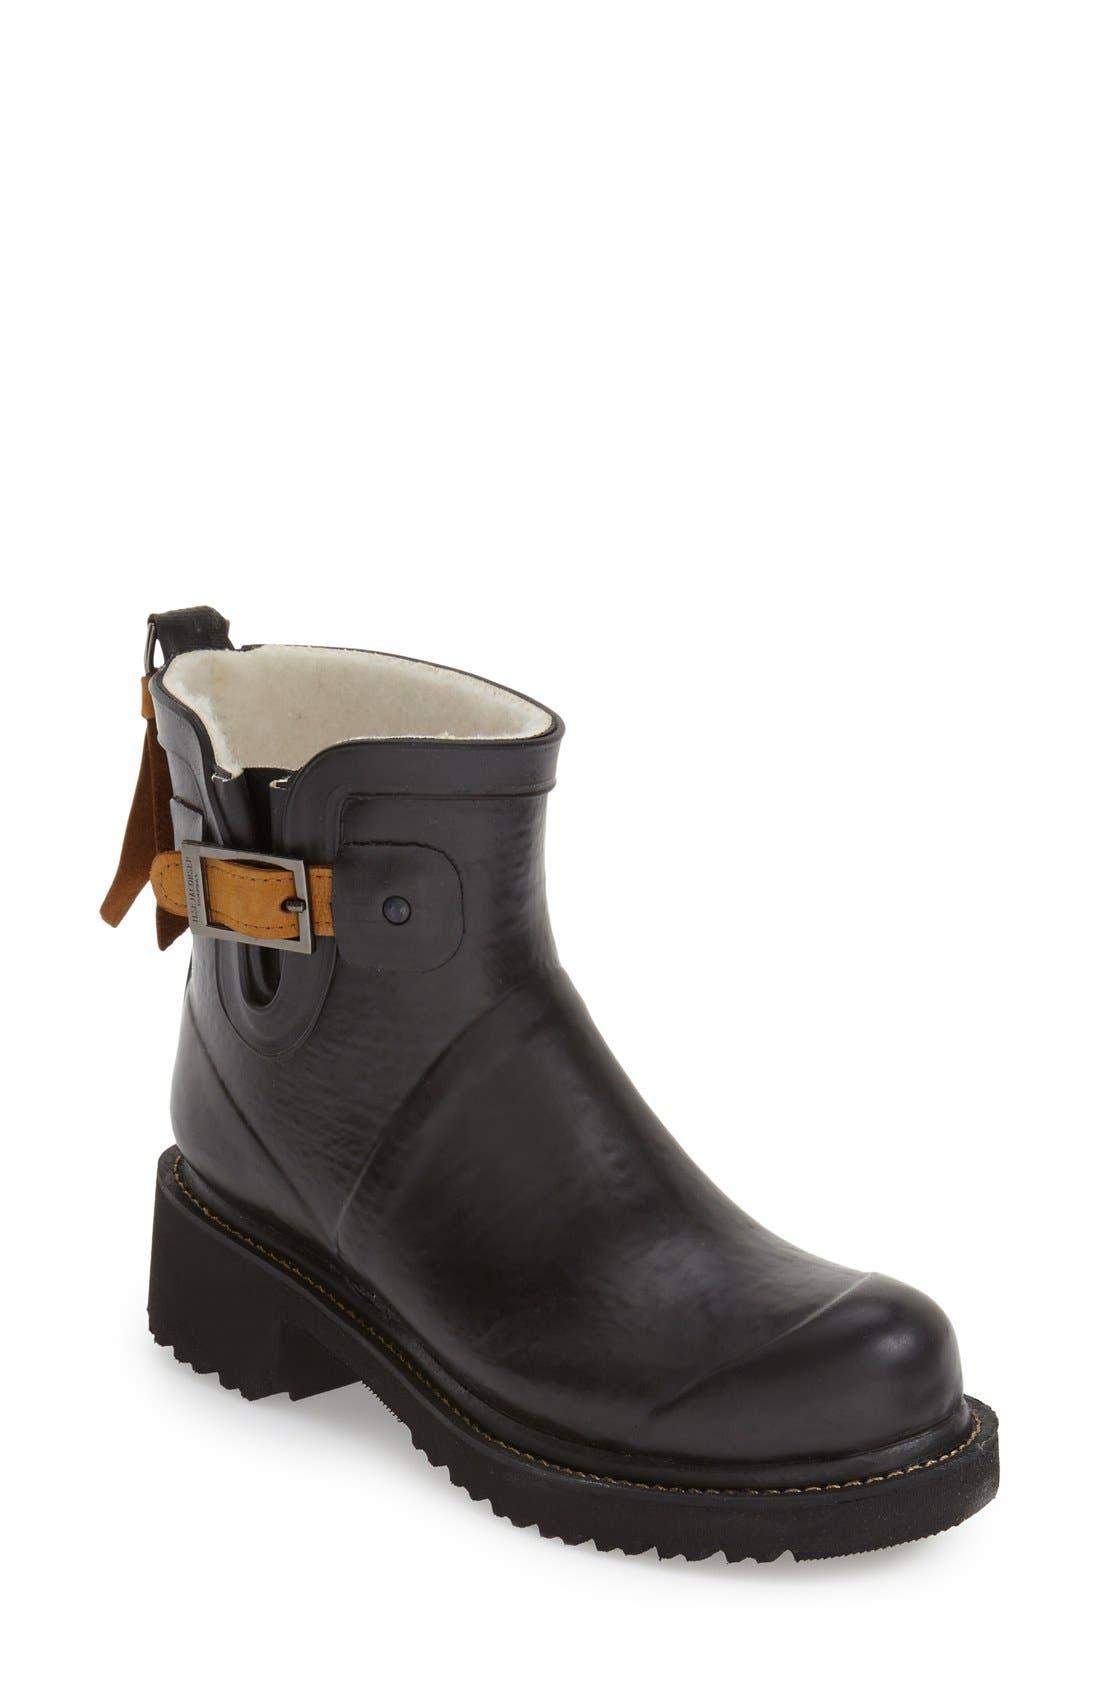 Ilse Jacobsen Short Waterproof Rubber Boot